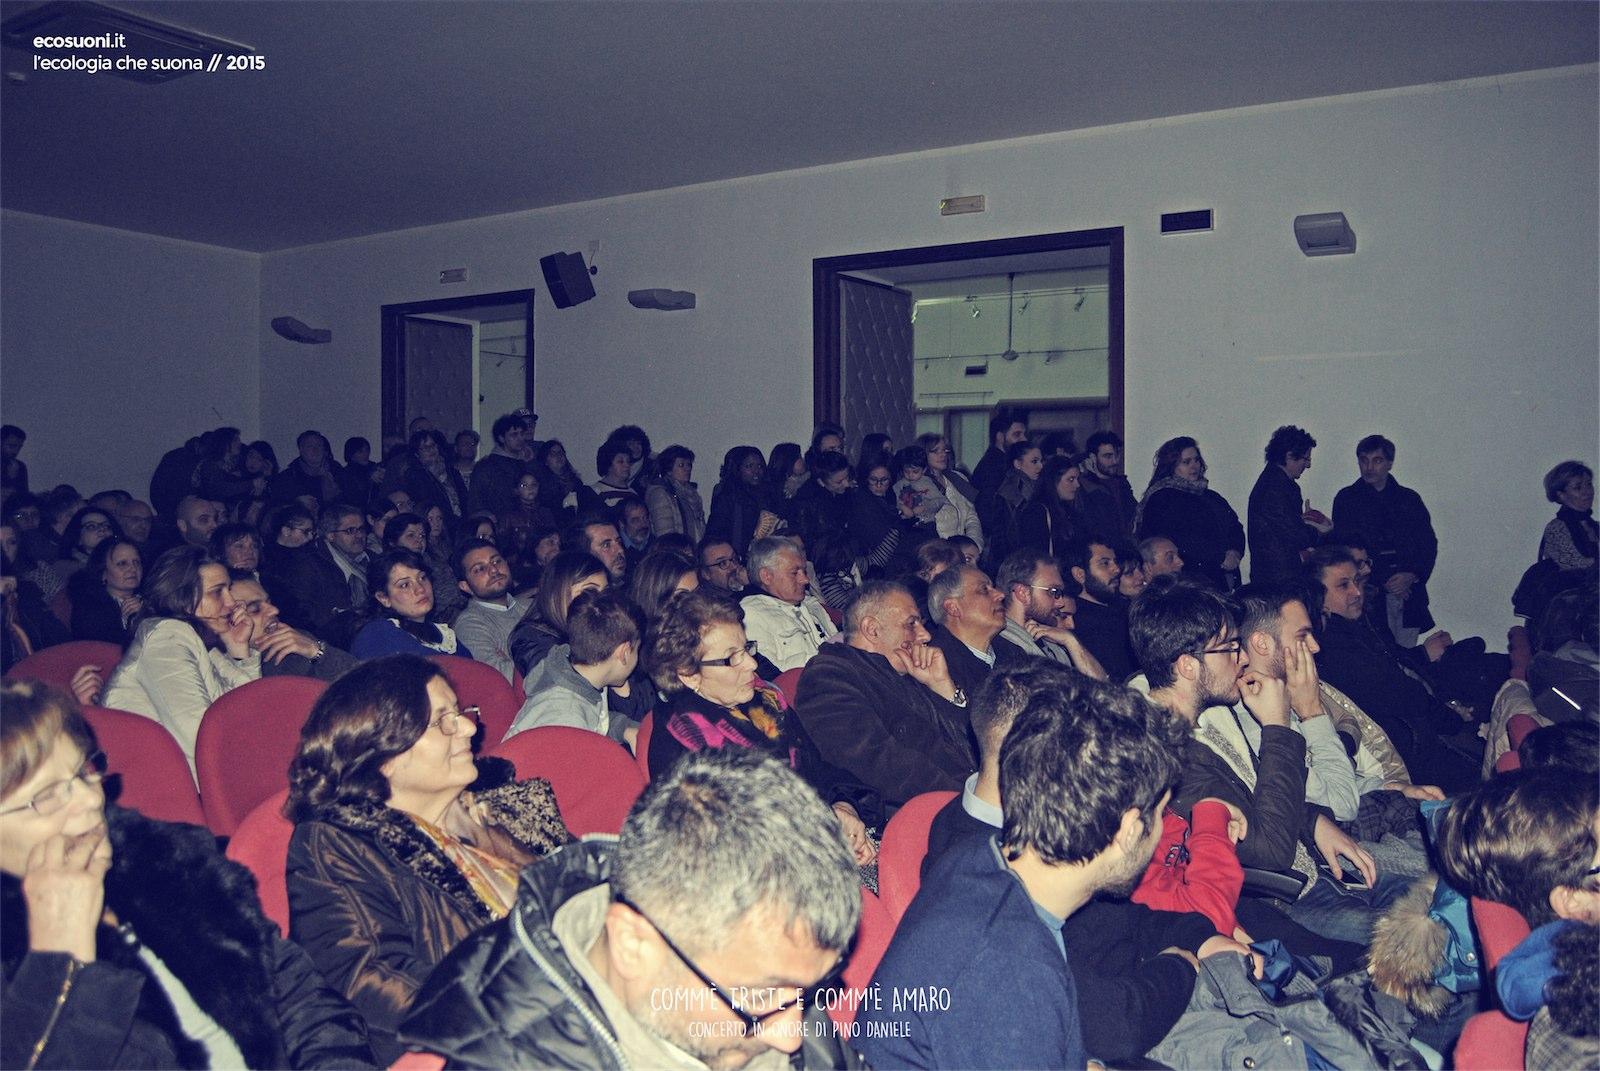 Concerto in onore di Pino Daniele // Ecosuoni Live 2015